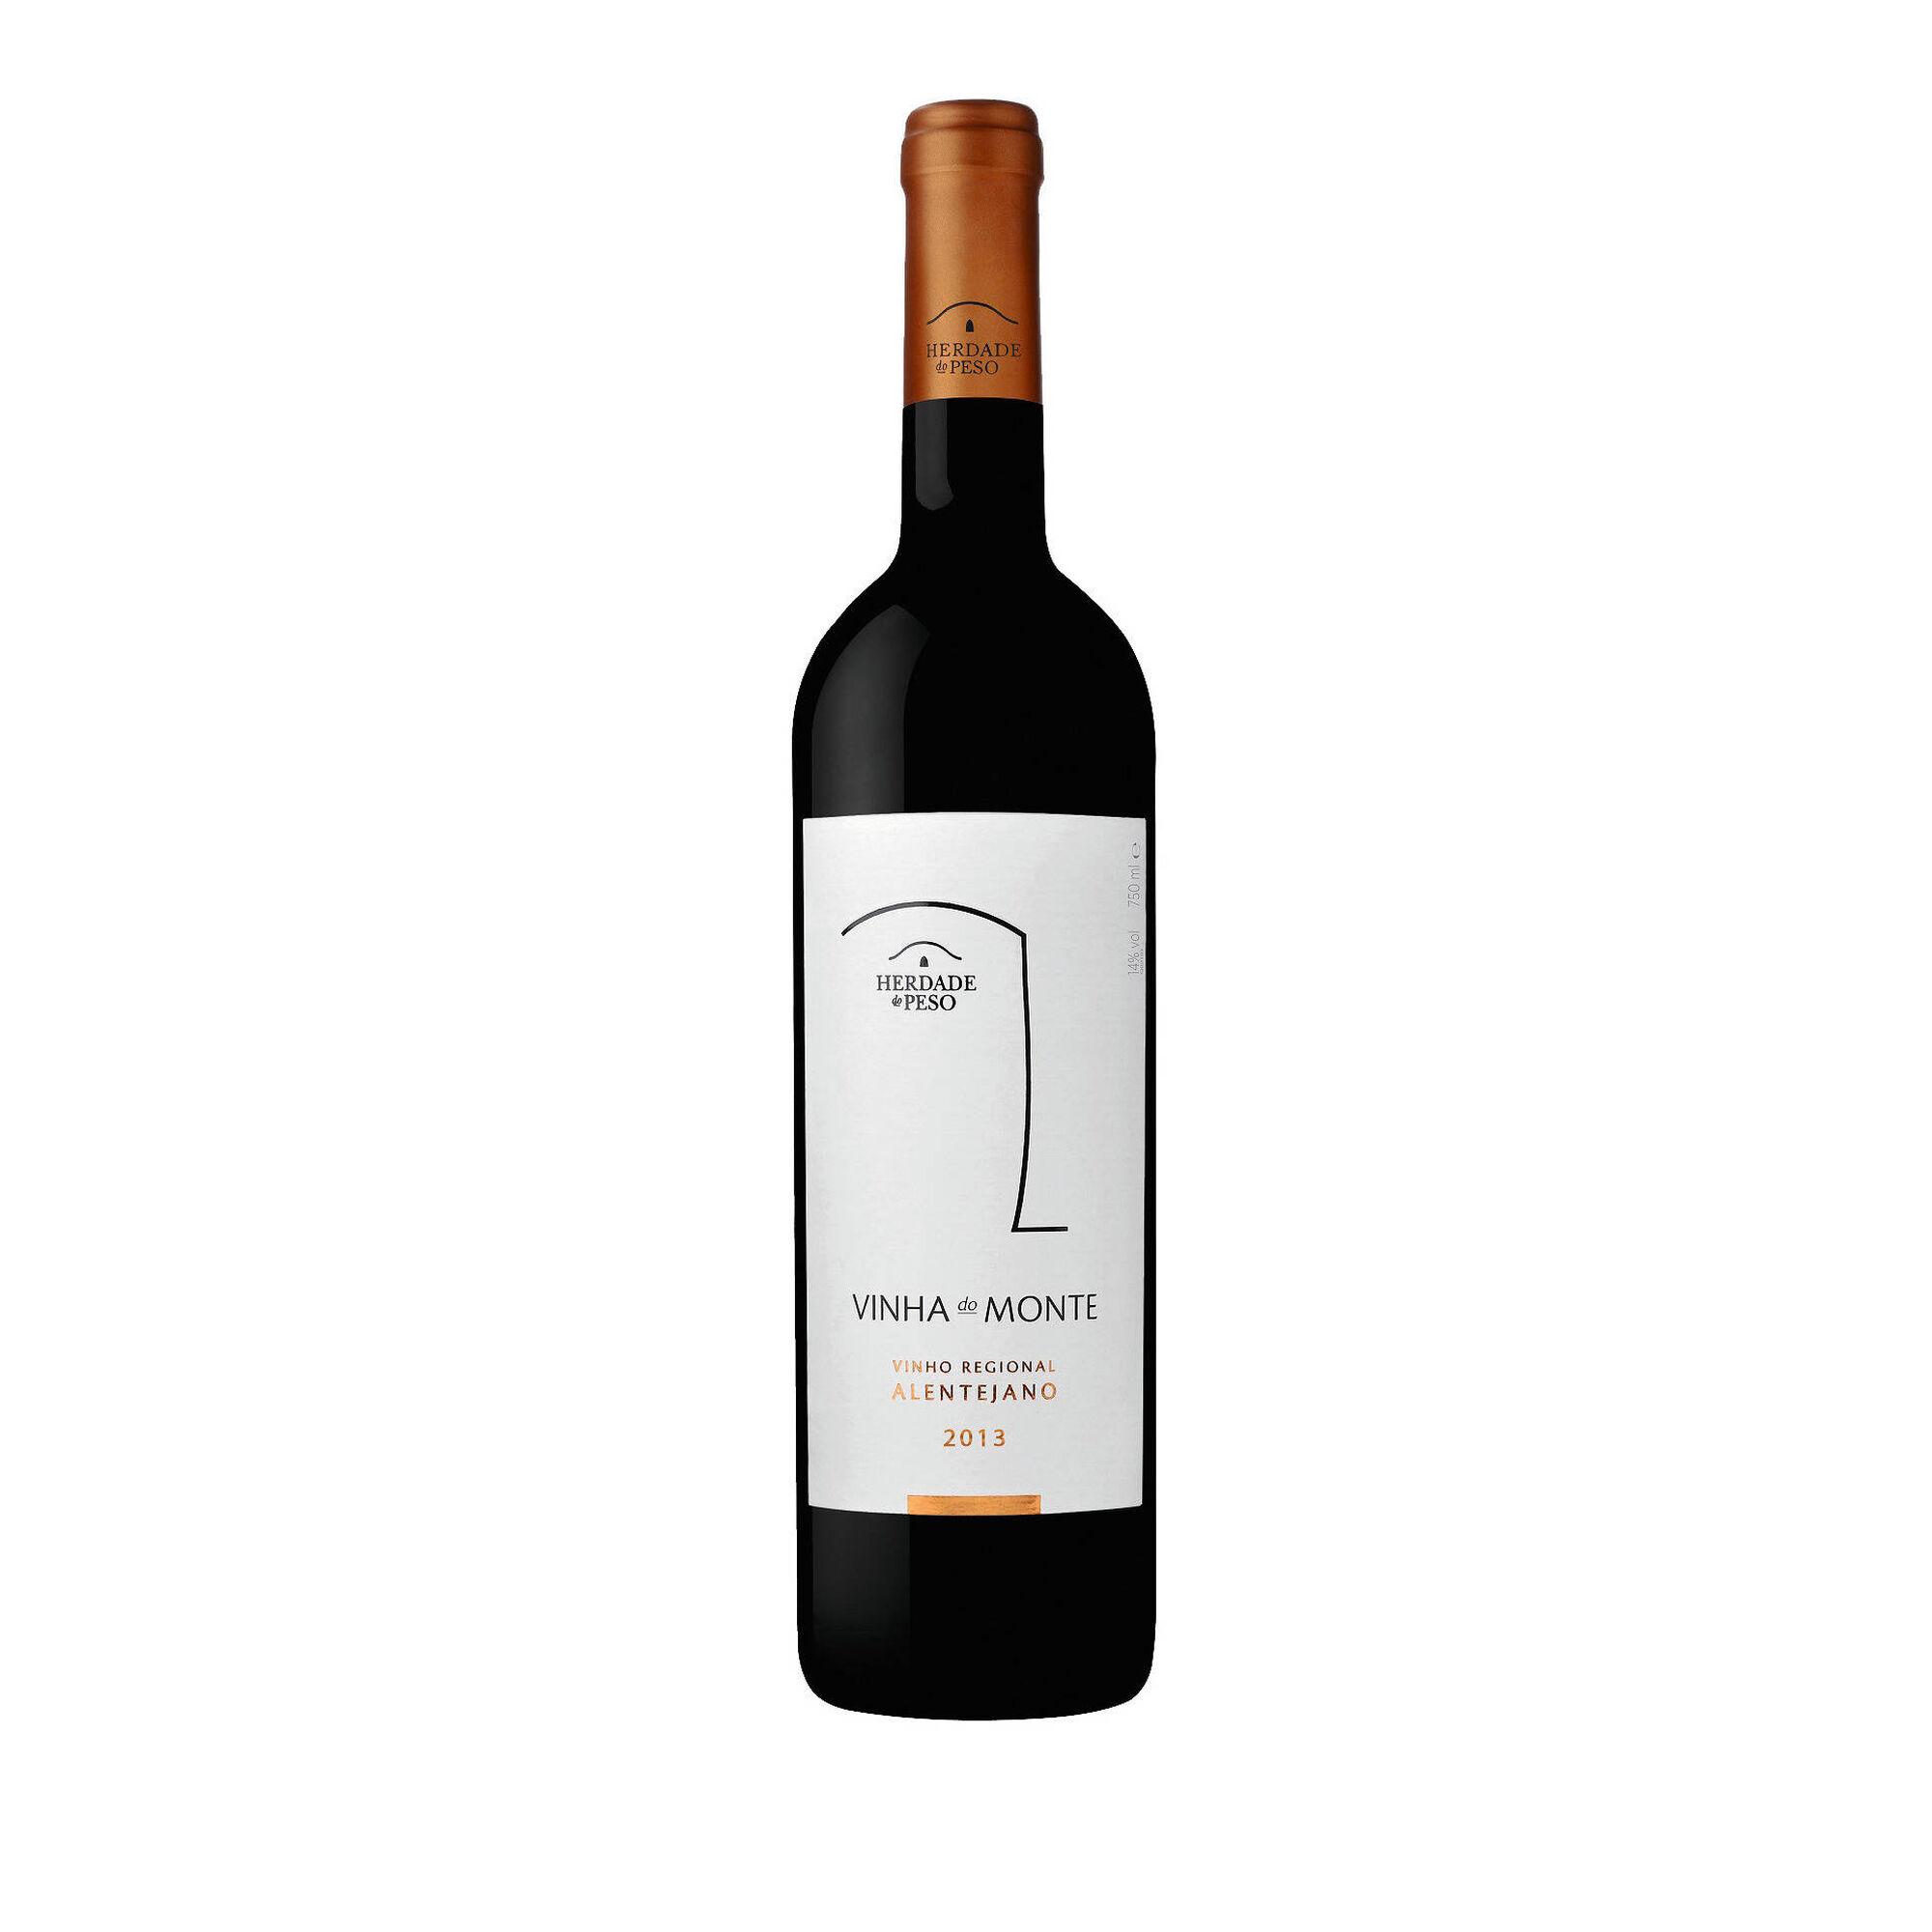 Vinha do Monte Regional Alentejano Vinho Tinto